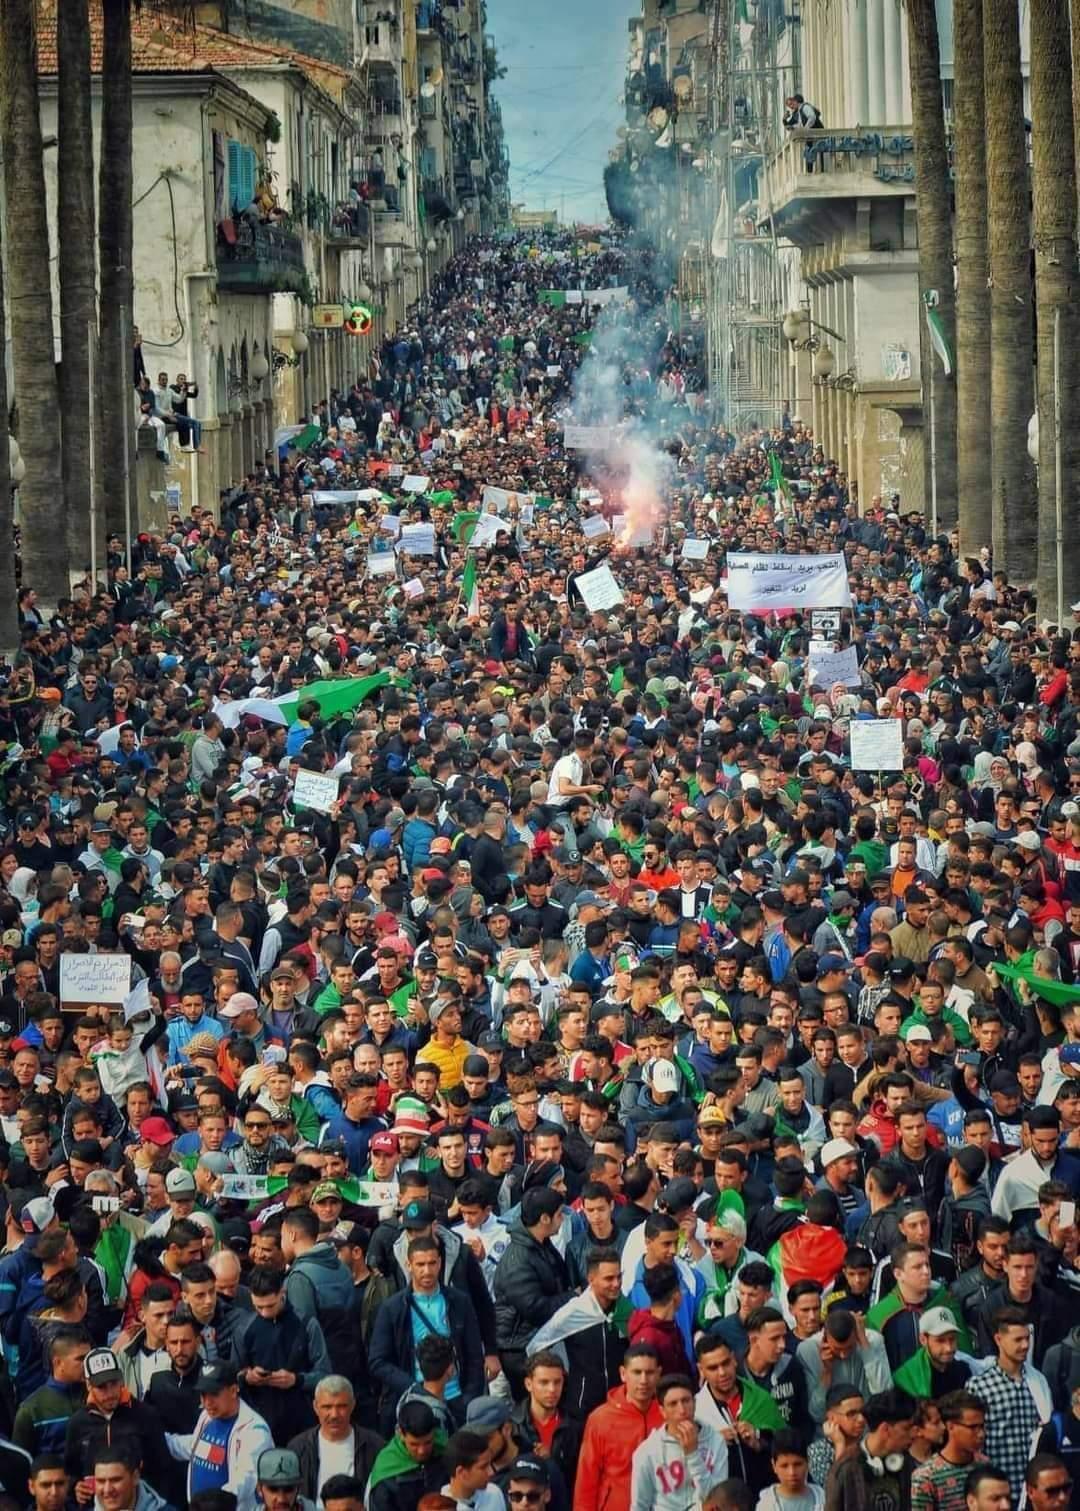 في الذكرى الثانية للحراك ، شوارع المدن الجزائرية تغلي بآلاف المسيرات الشعبية الحاشدة المطالبة بإسقاط النظام العسكري